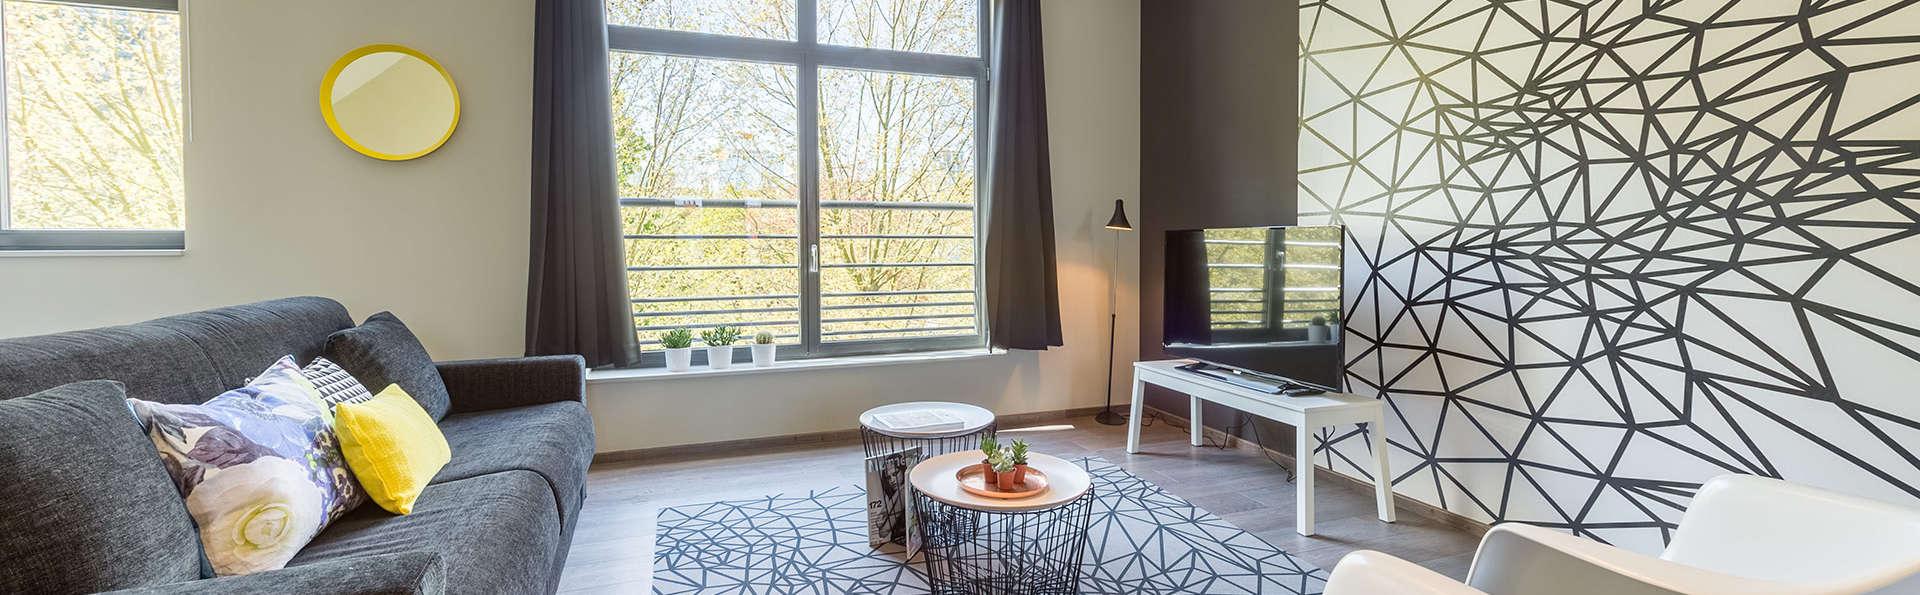 Visite de Bruxelles avec la Brussels Card et logement en appartement